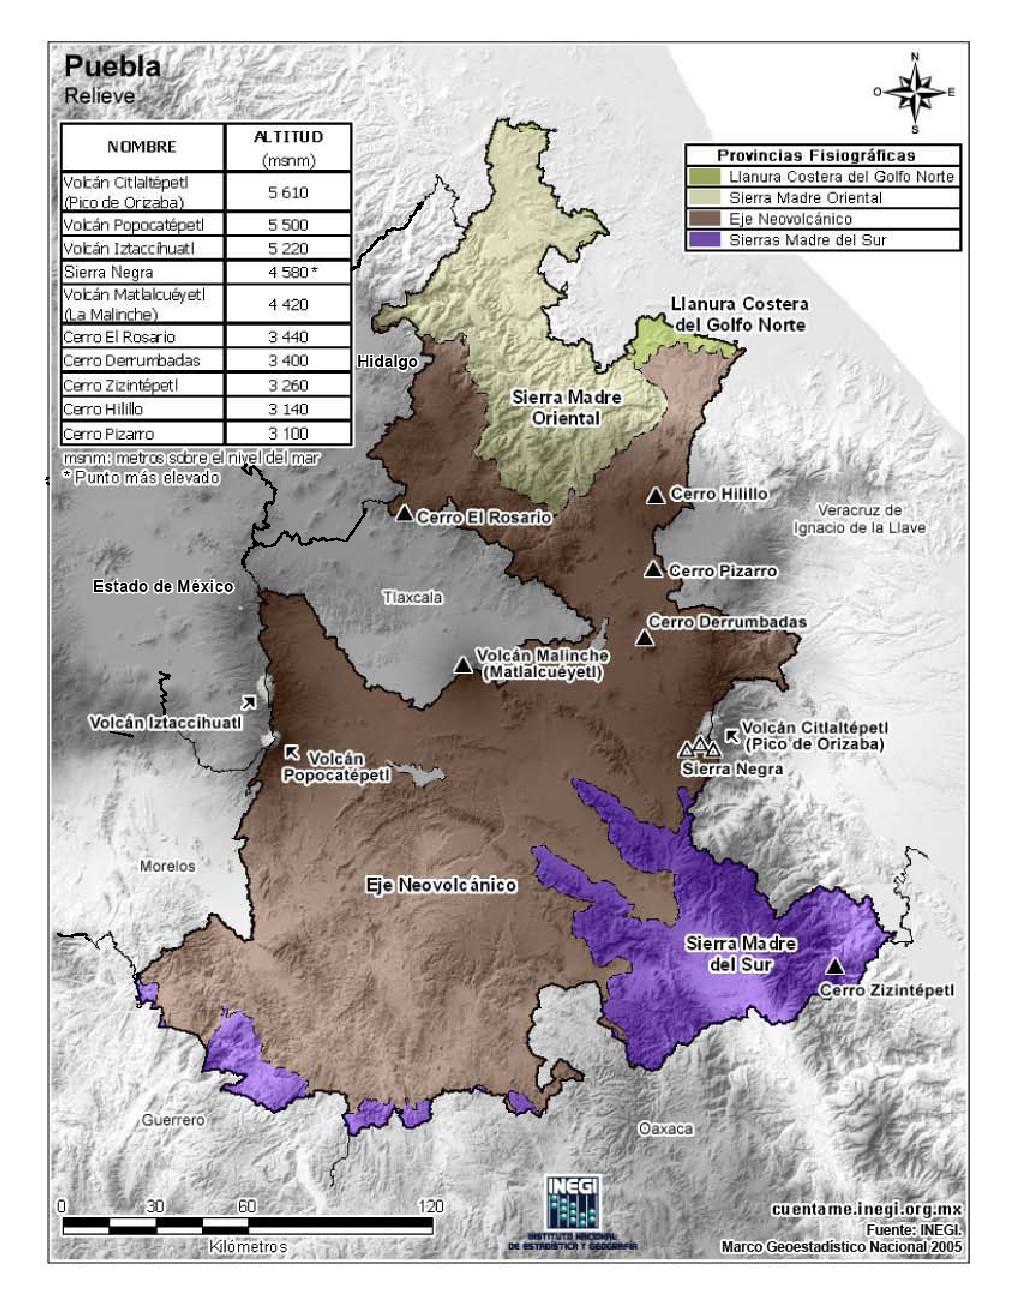 Mapa en color de montañas de Puebla. INEGI de México